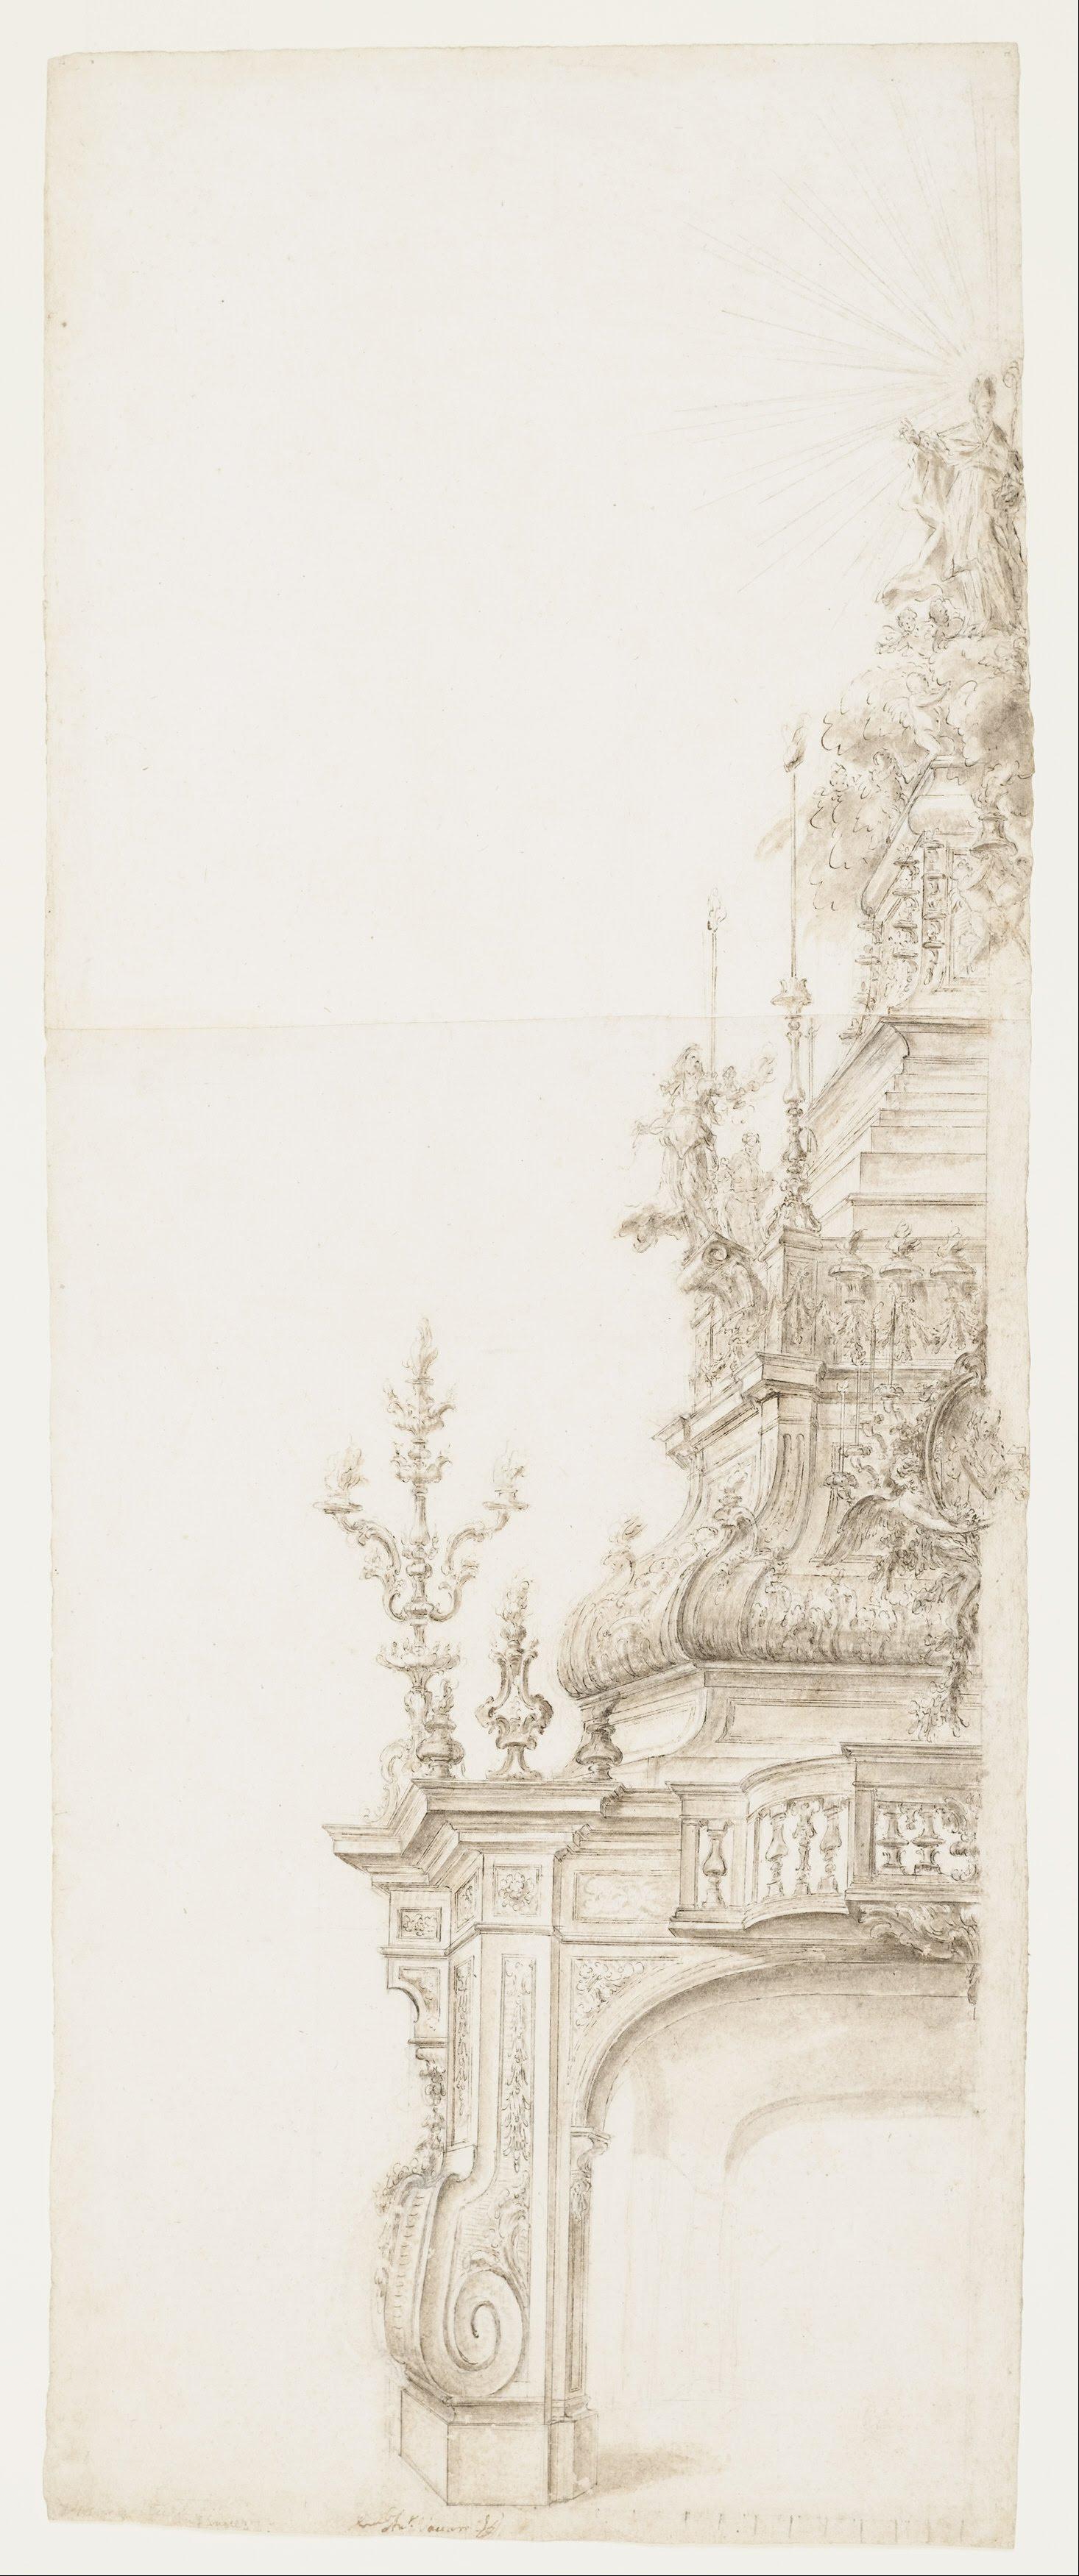 Decoration For Project Filedomenico Antonio Vaccaro Design For A Festive Decoration In